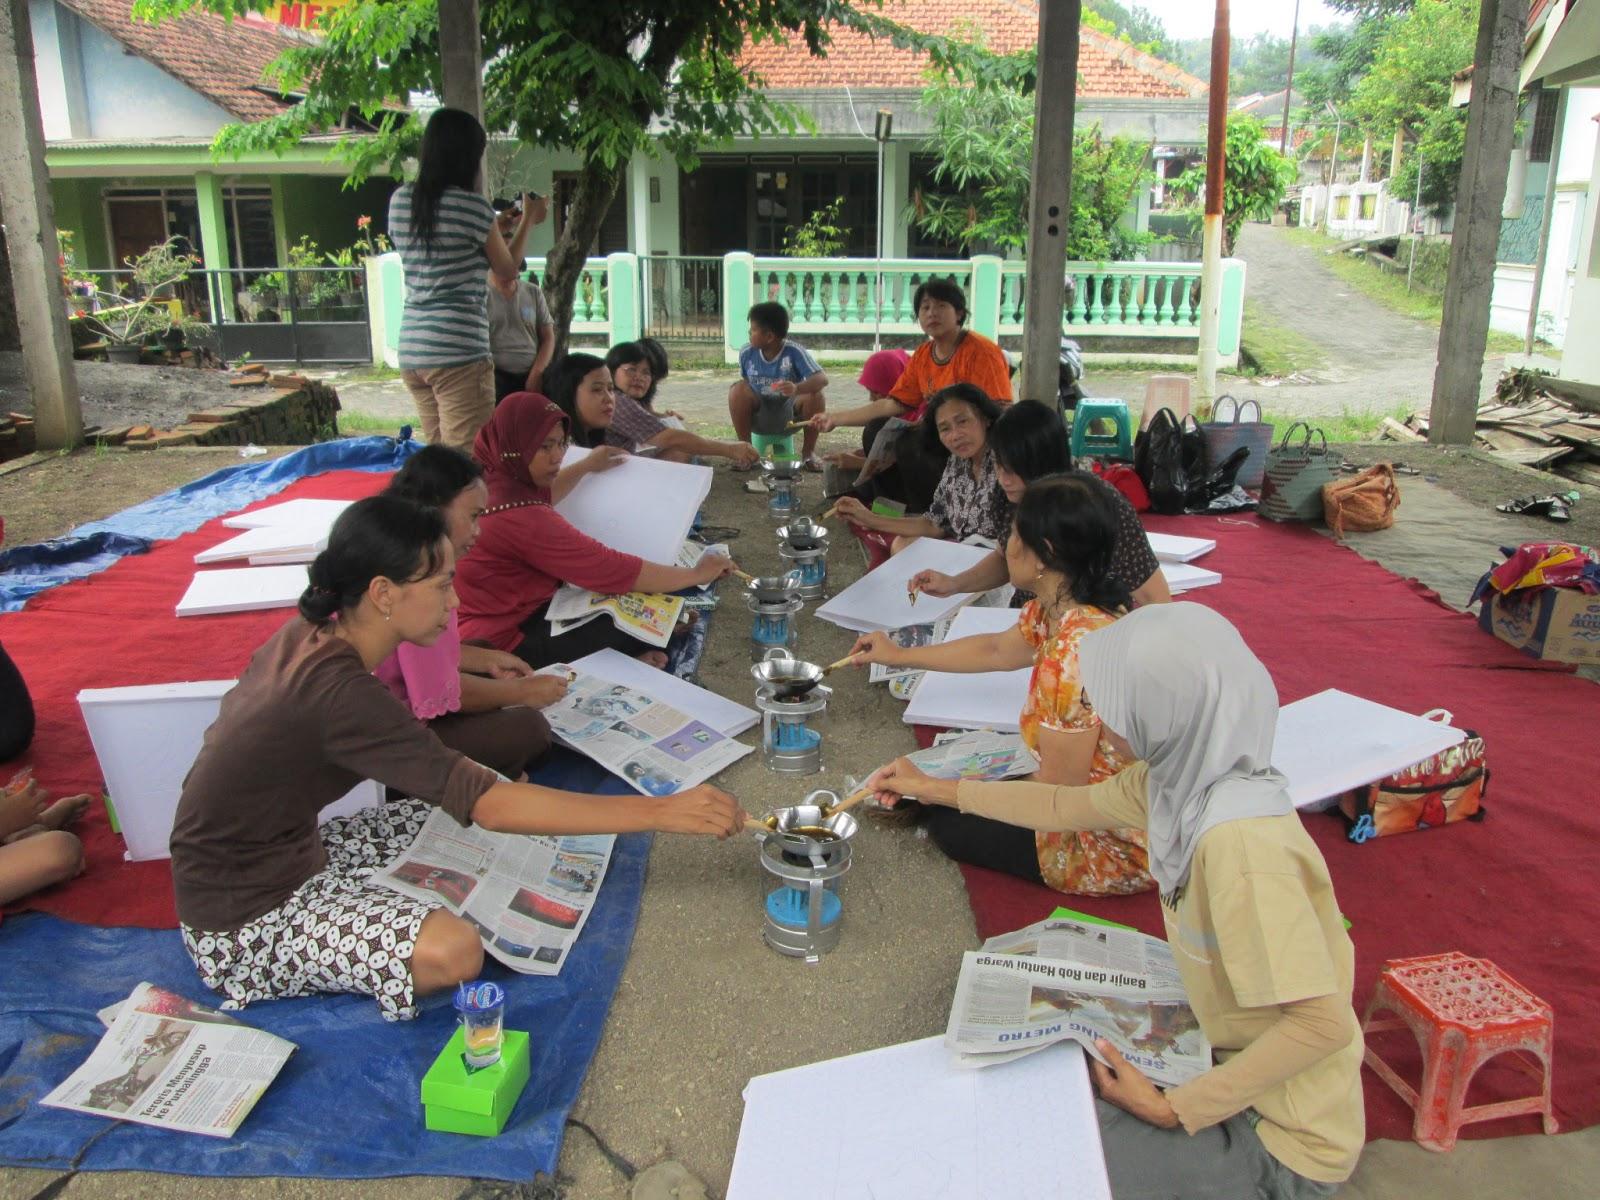 Faq Klaster Umkm Produk Ukm Bumn Batik Parang Kembang Saat Ini Sudah Menjadi Budaya Bagi Masyarakat Di Jawa Tengah Rasa Keingintahuan Tentang Dan Proses Pembatikan Cukup Tinggi